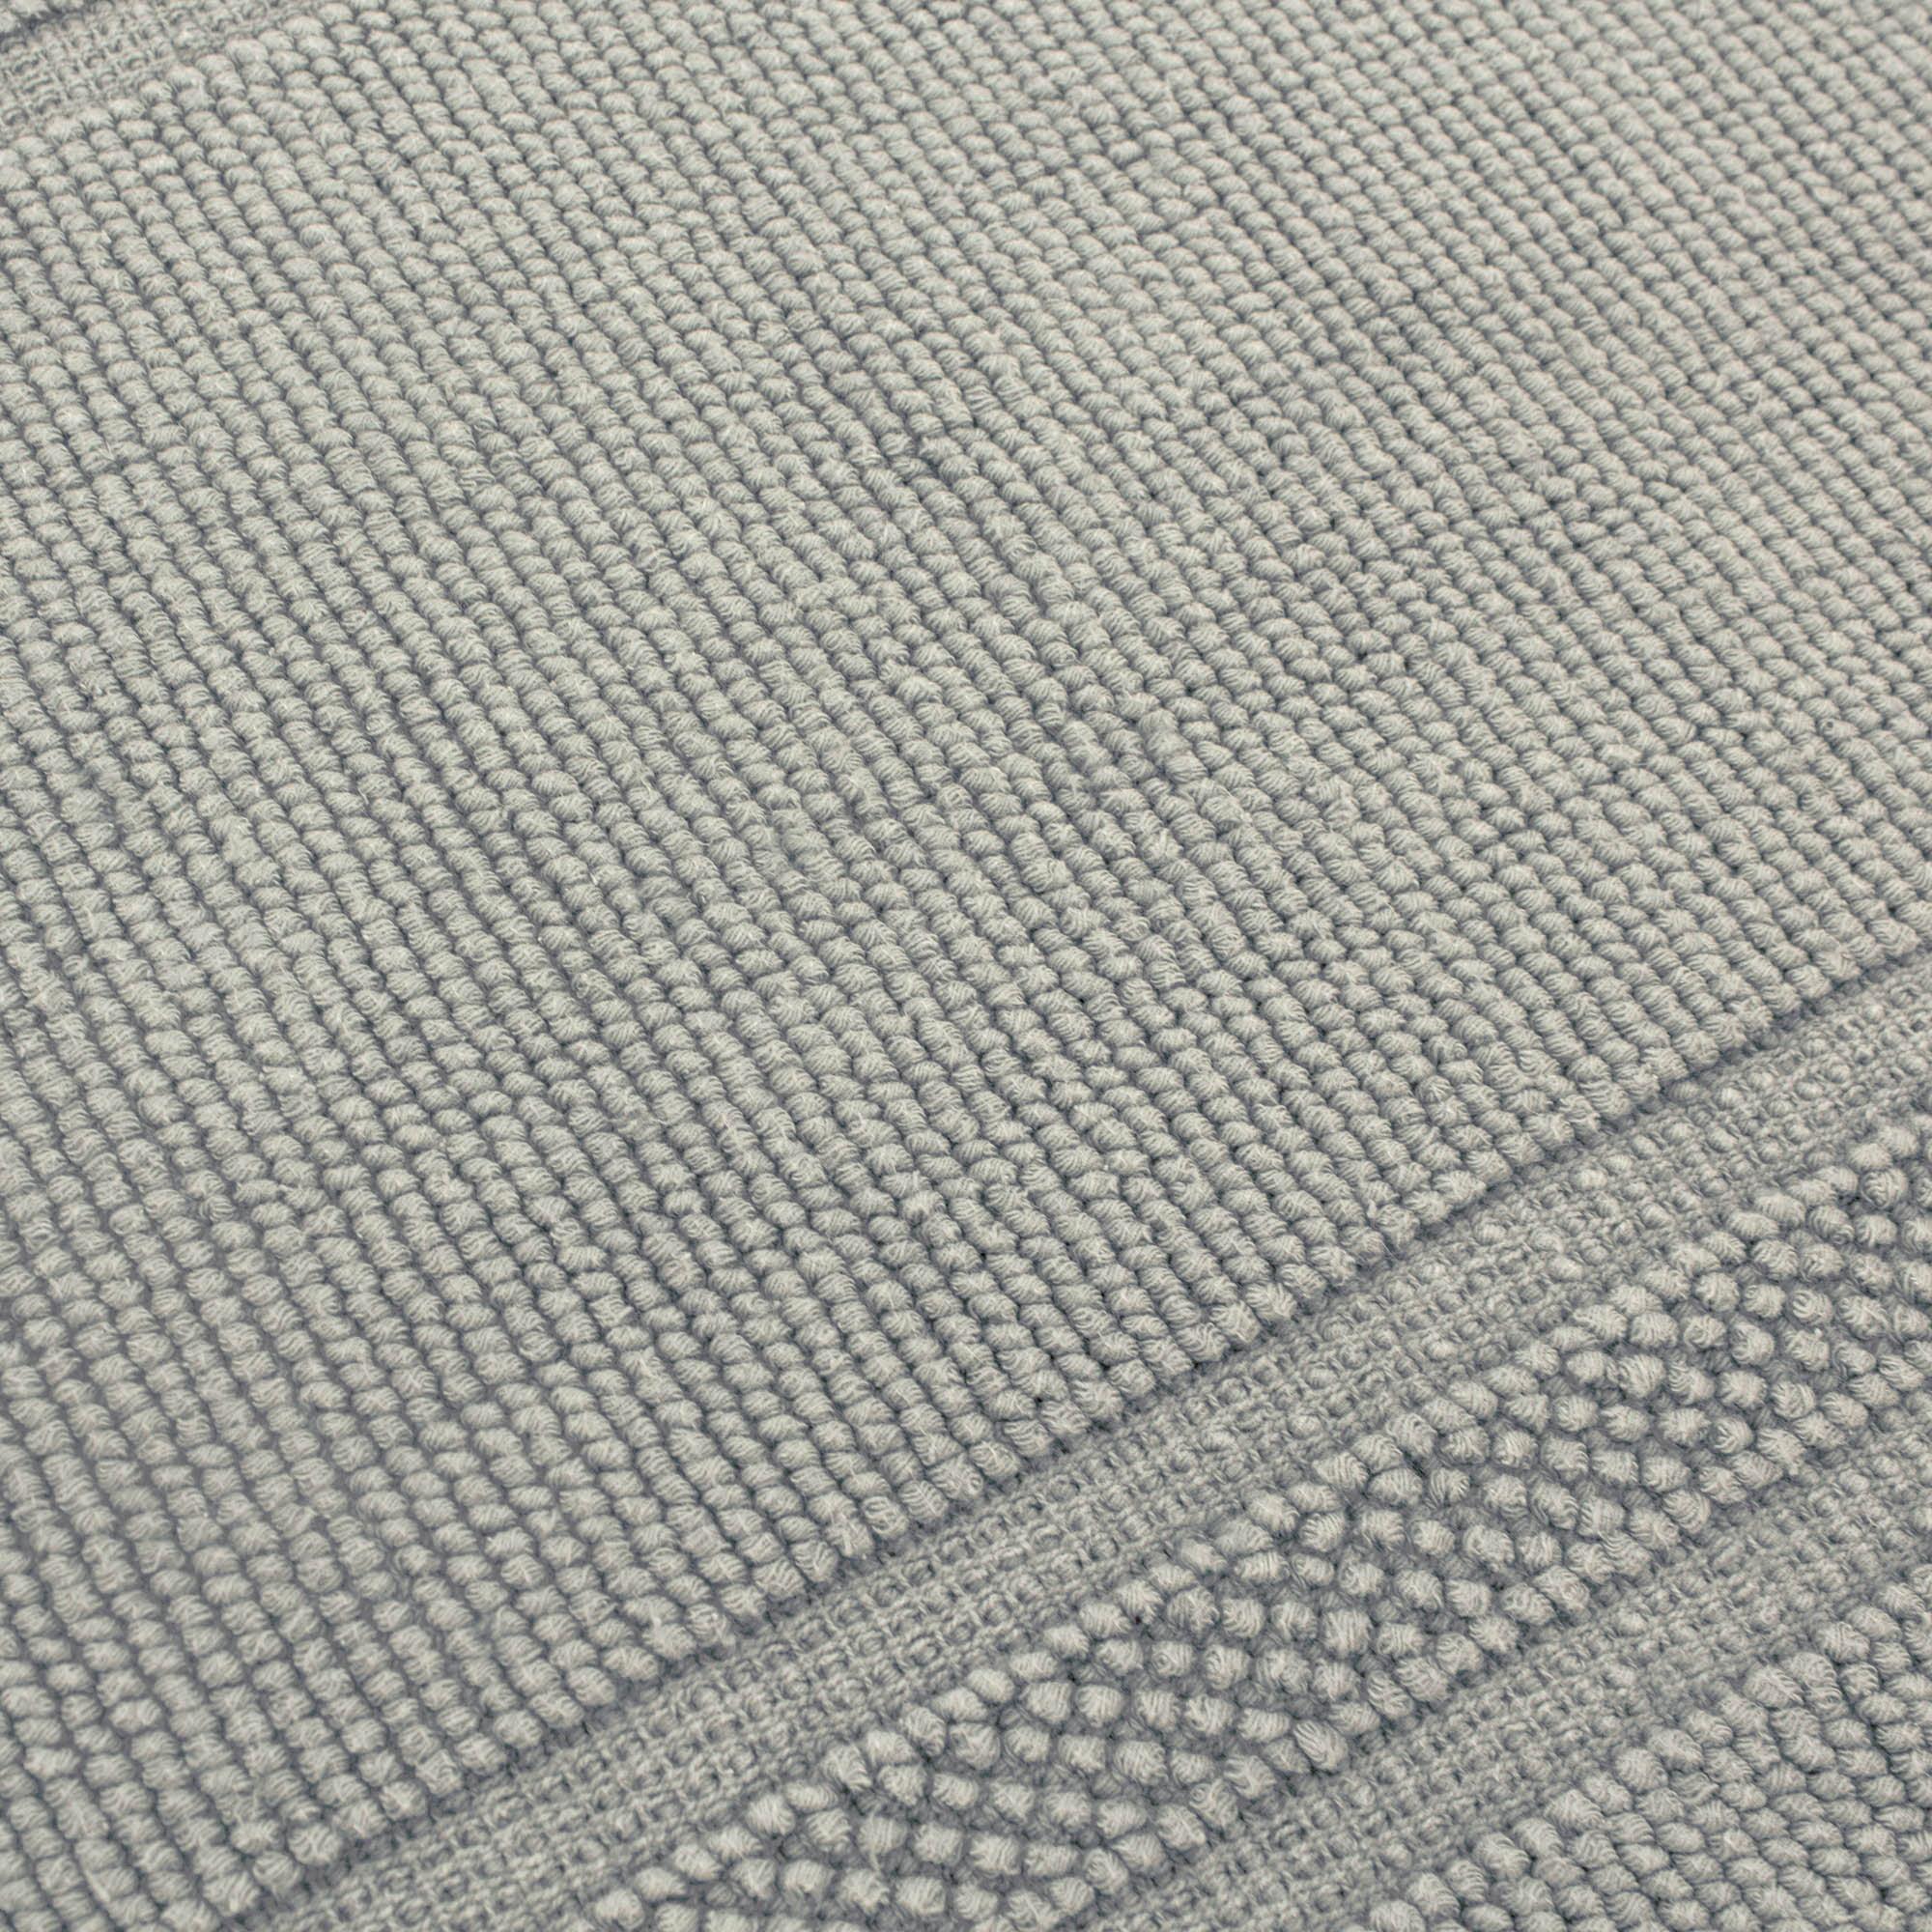 JoneAJ Tapis Bain Filet p/êche Th/ème Marin /Étoiles mer Coquillages Vie sous-Marine Phare Bois Impression Tapis d/écoration Salle Bain Peluche avec Support antid/érapant 15,7X 23,6 Cr/ème Beige